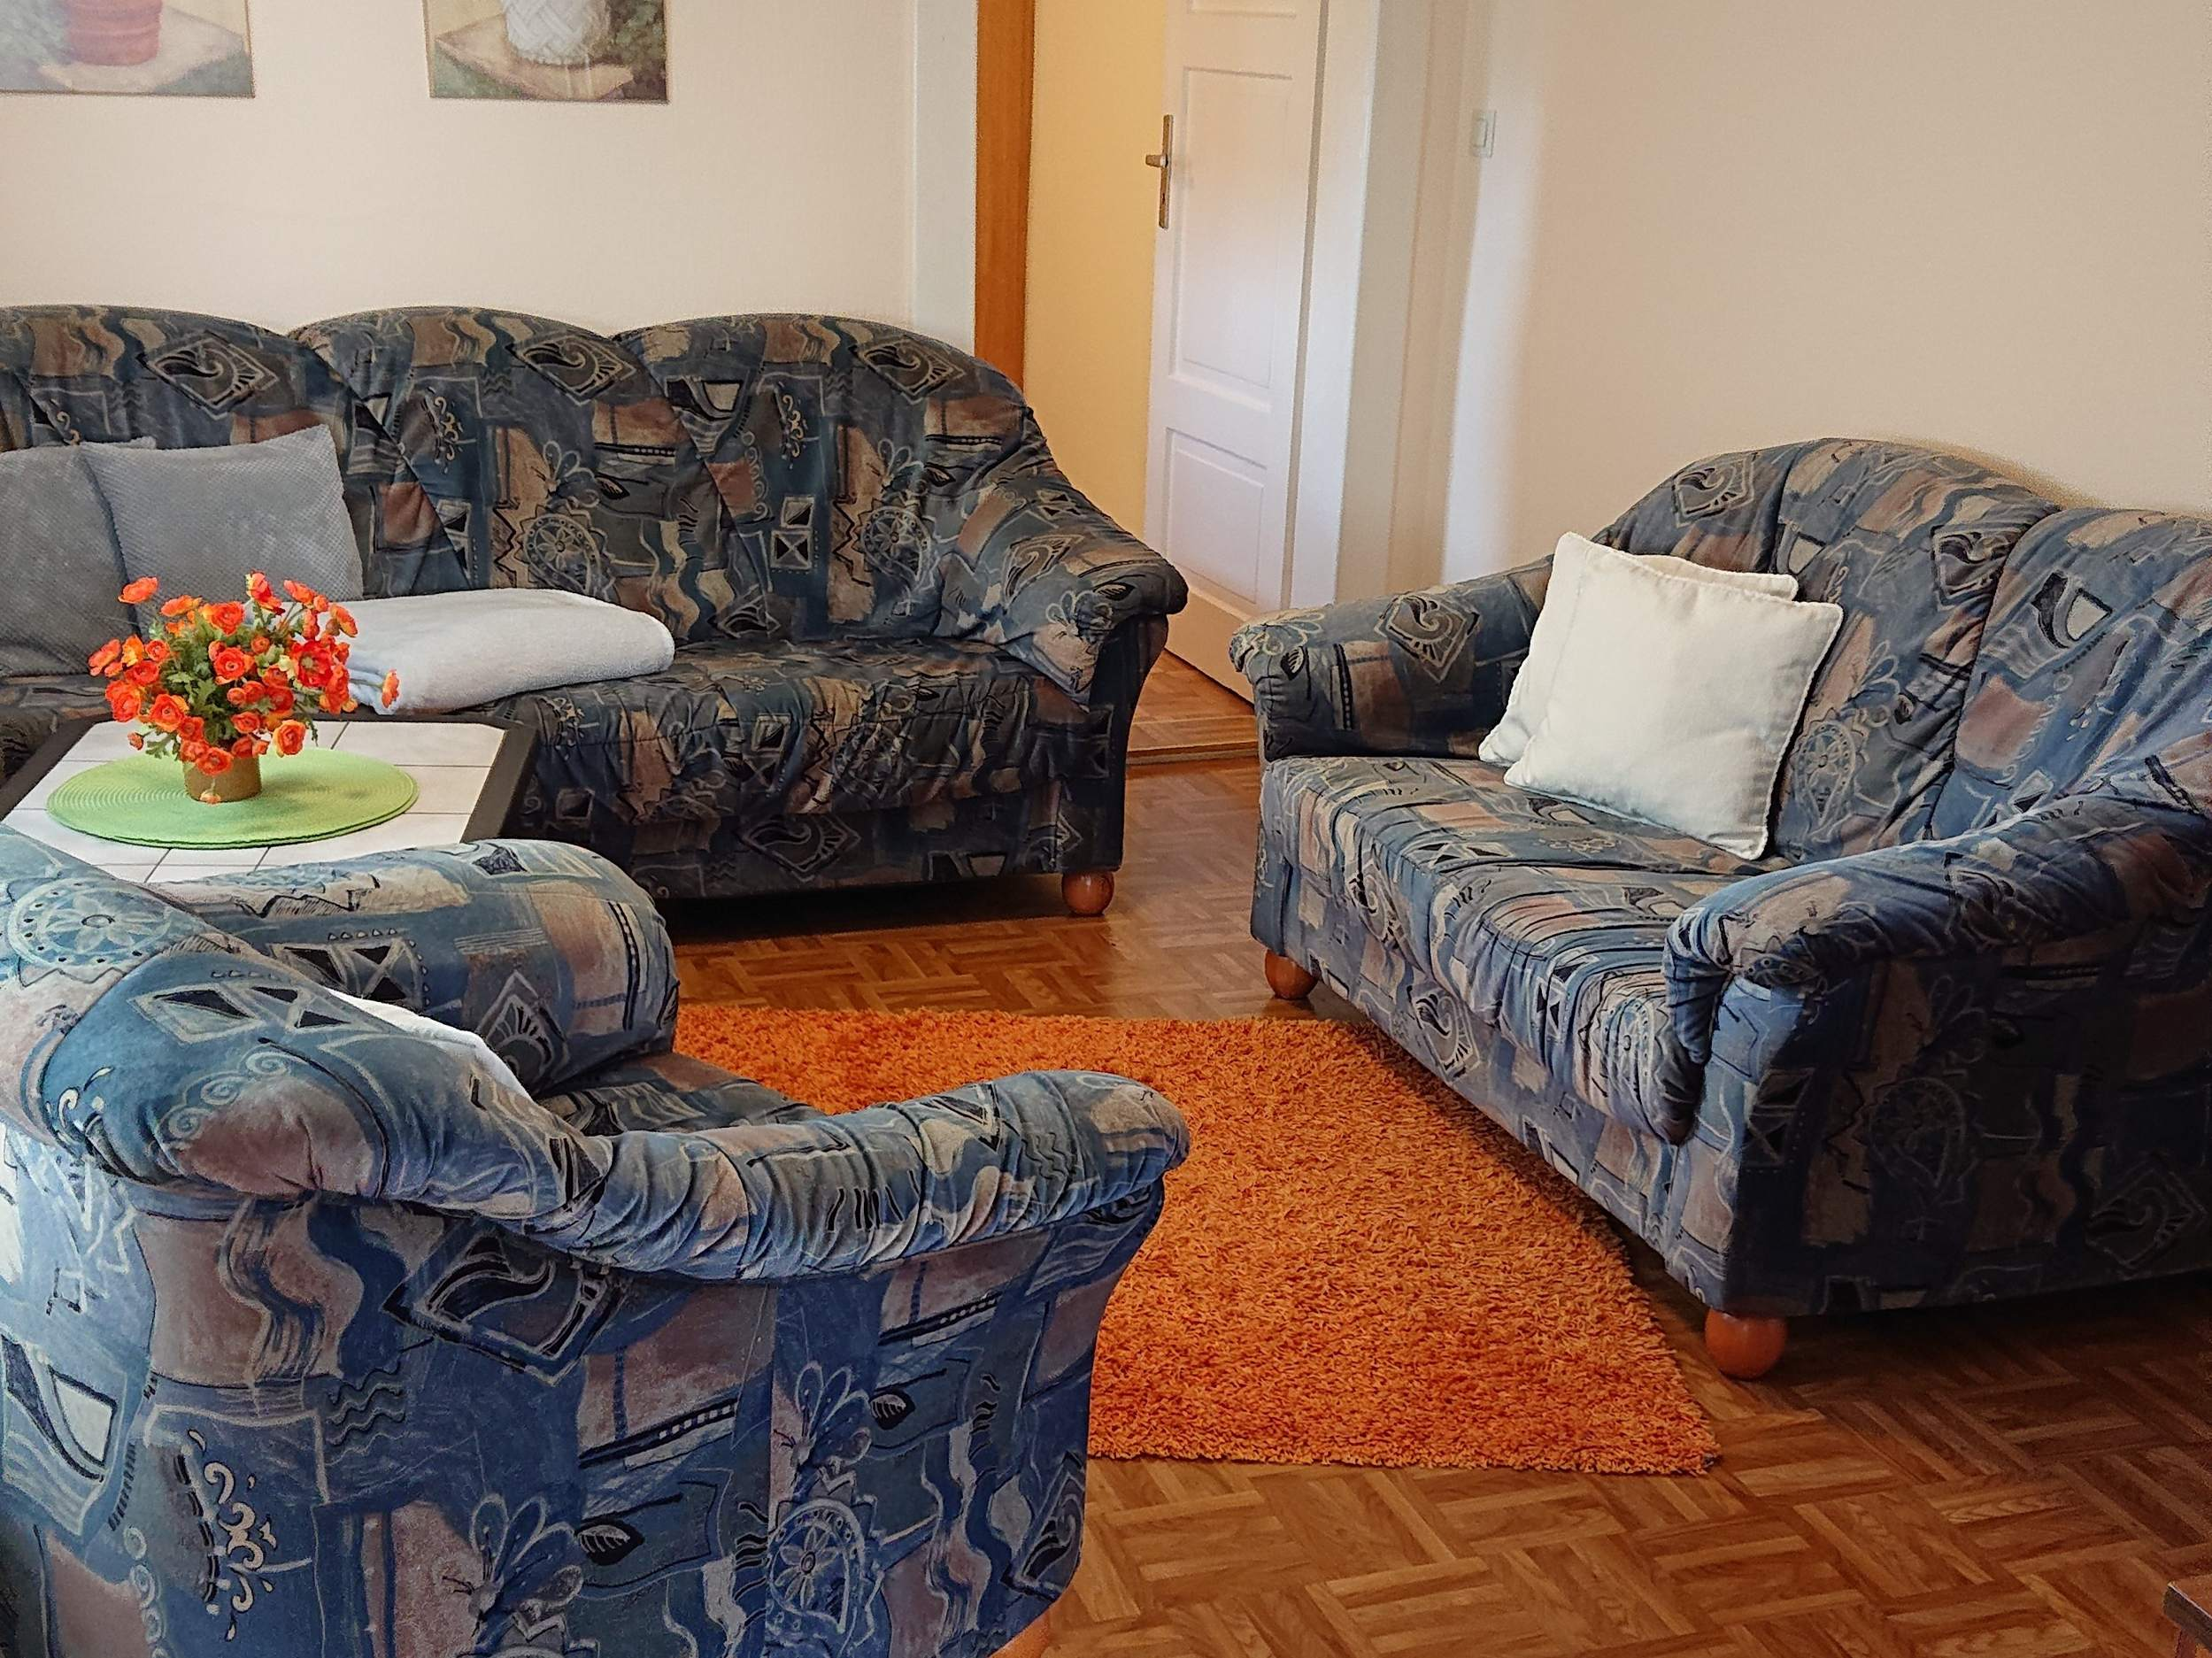 Ferienhaus Breiler in Astfeld - Wohnzimmer